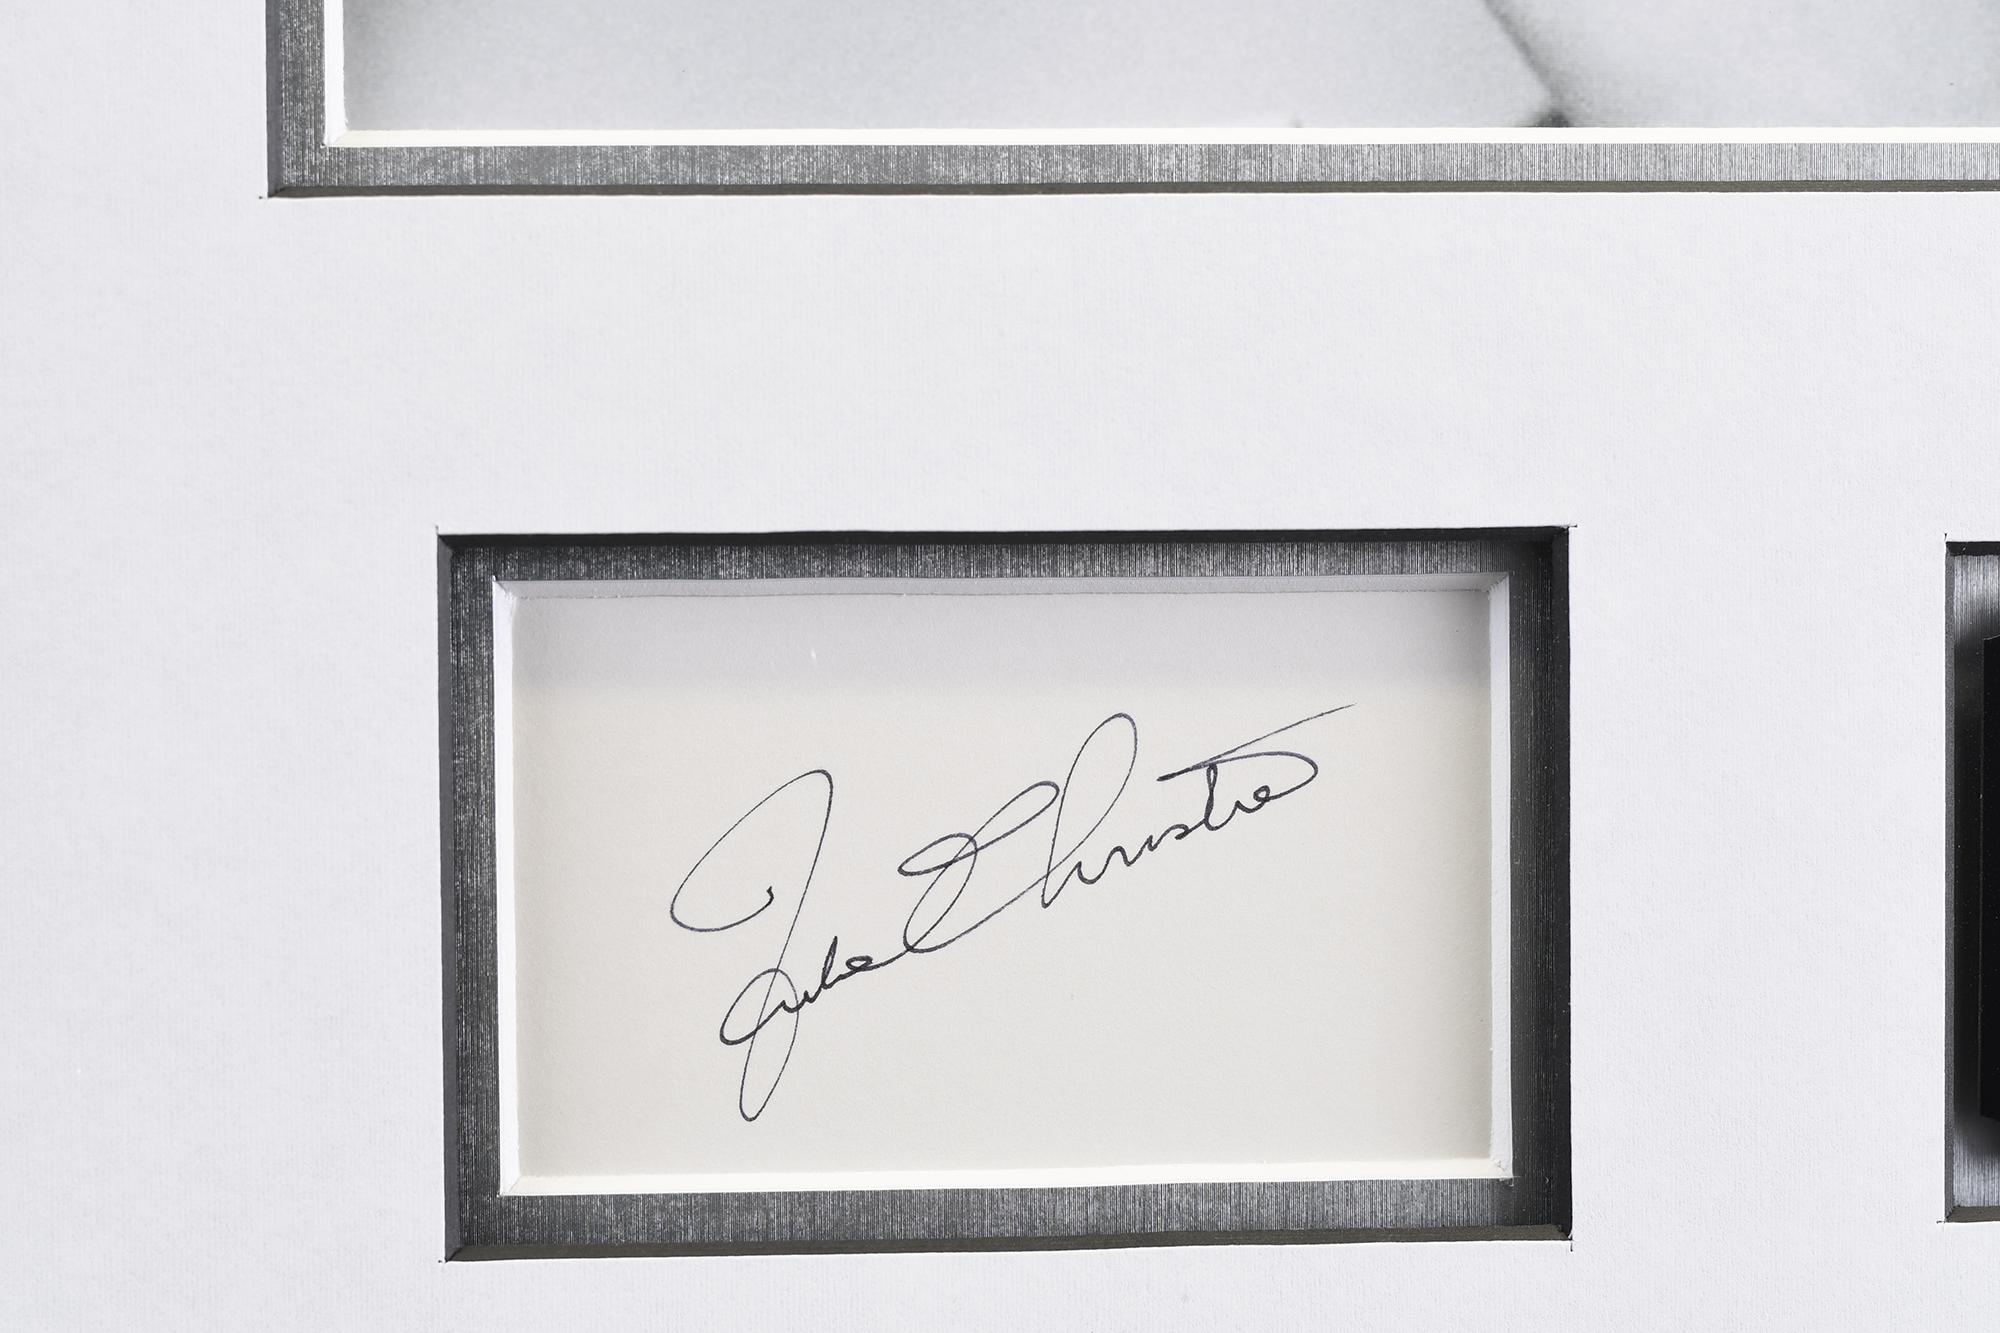 Julie Christie Memorabilia Framed Presentation - Image 5 of 7